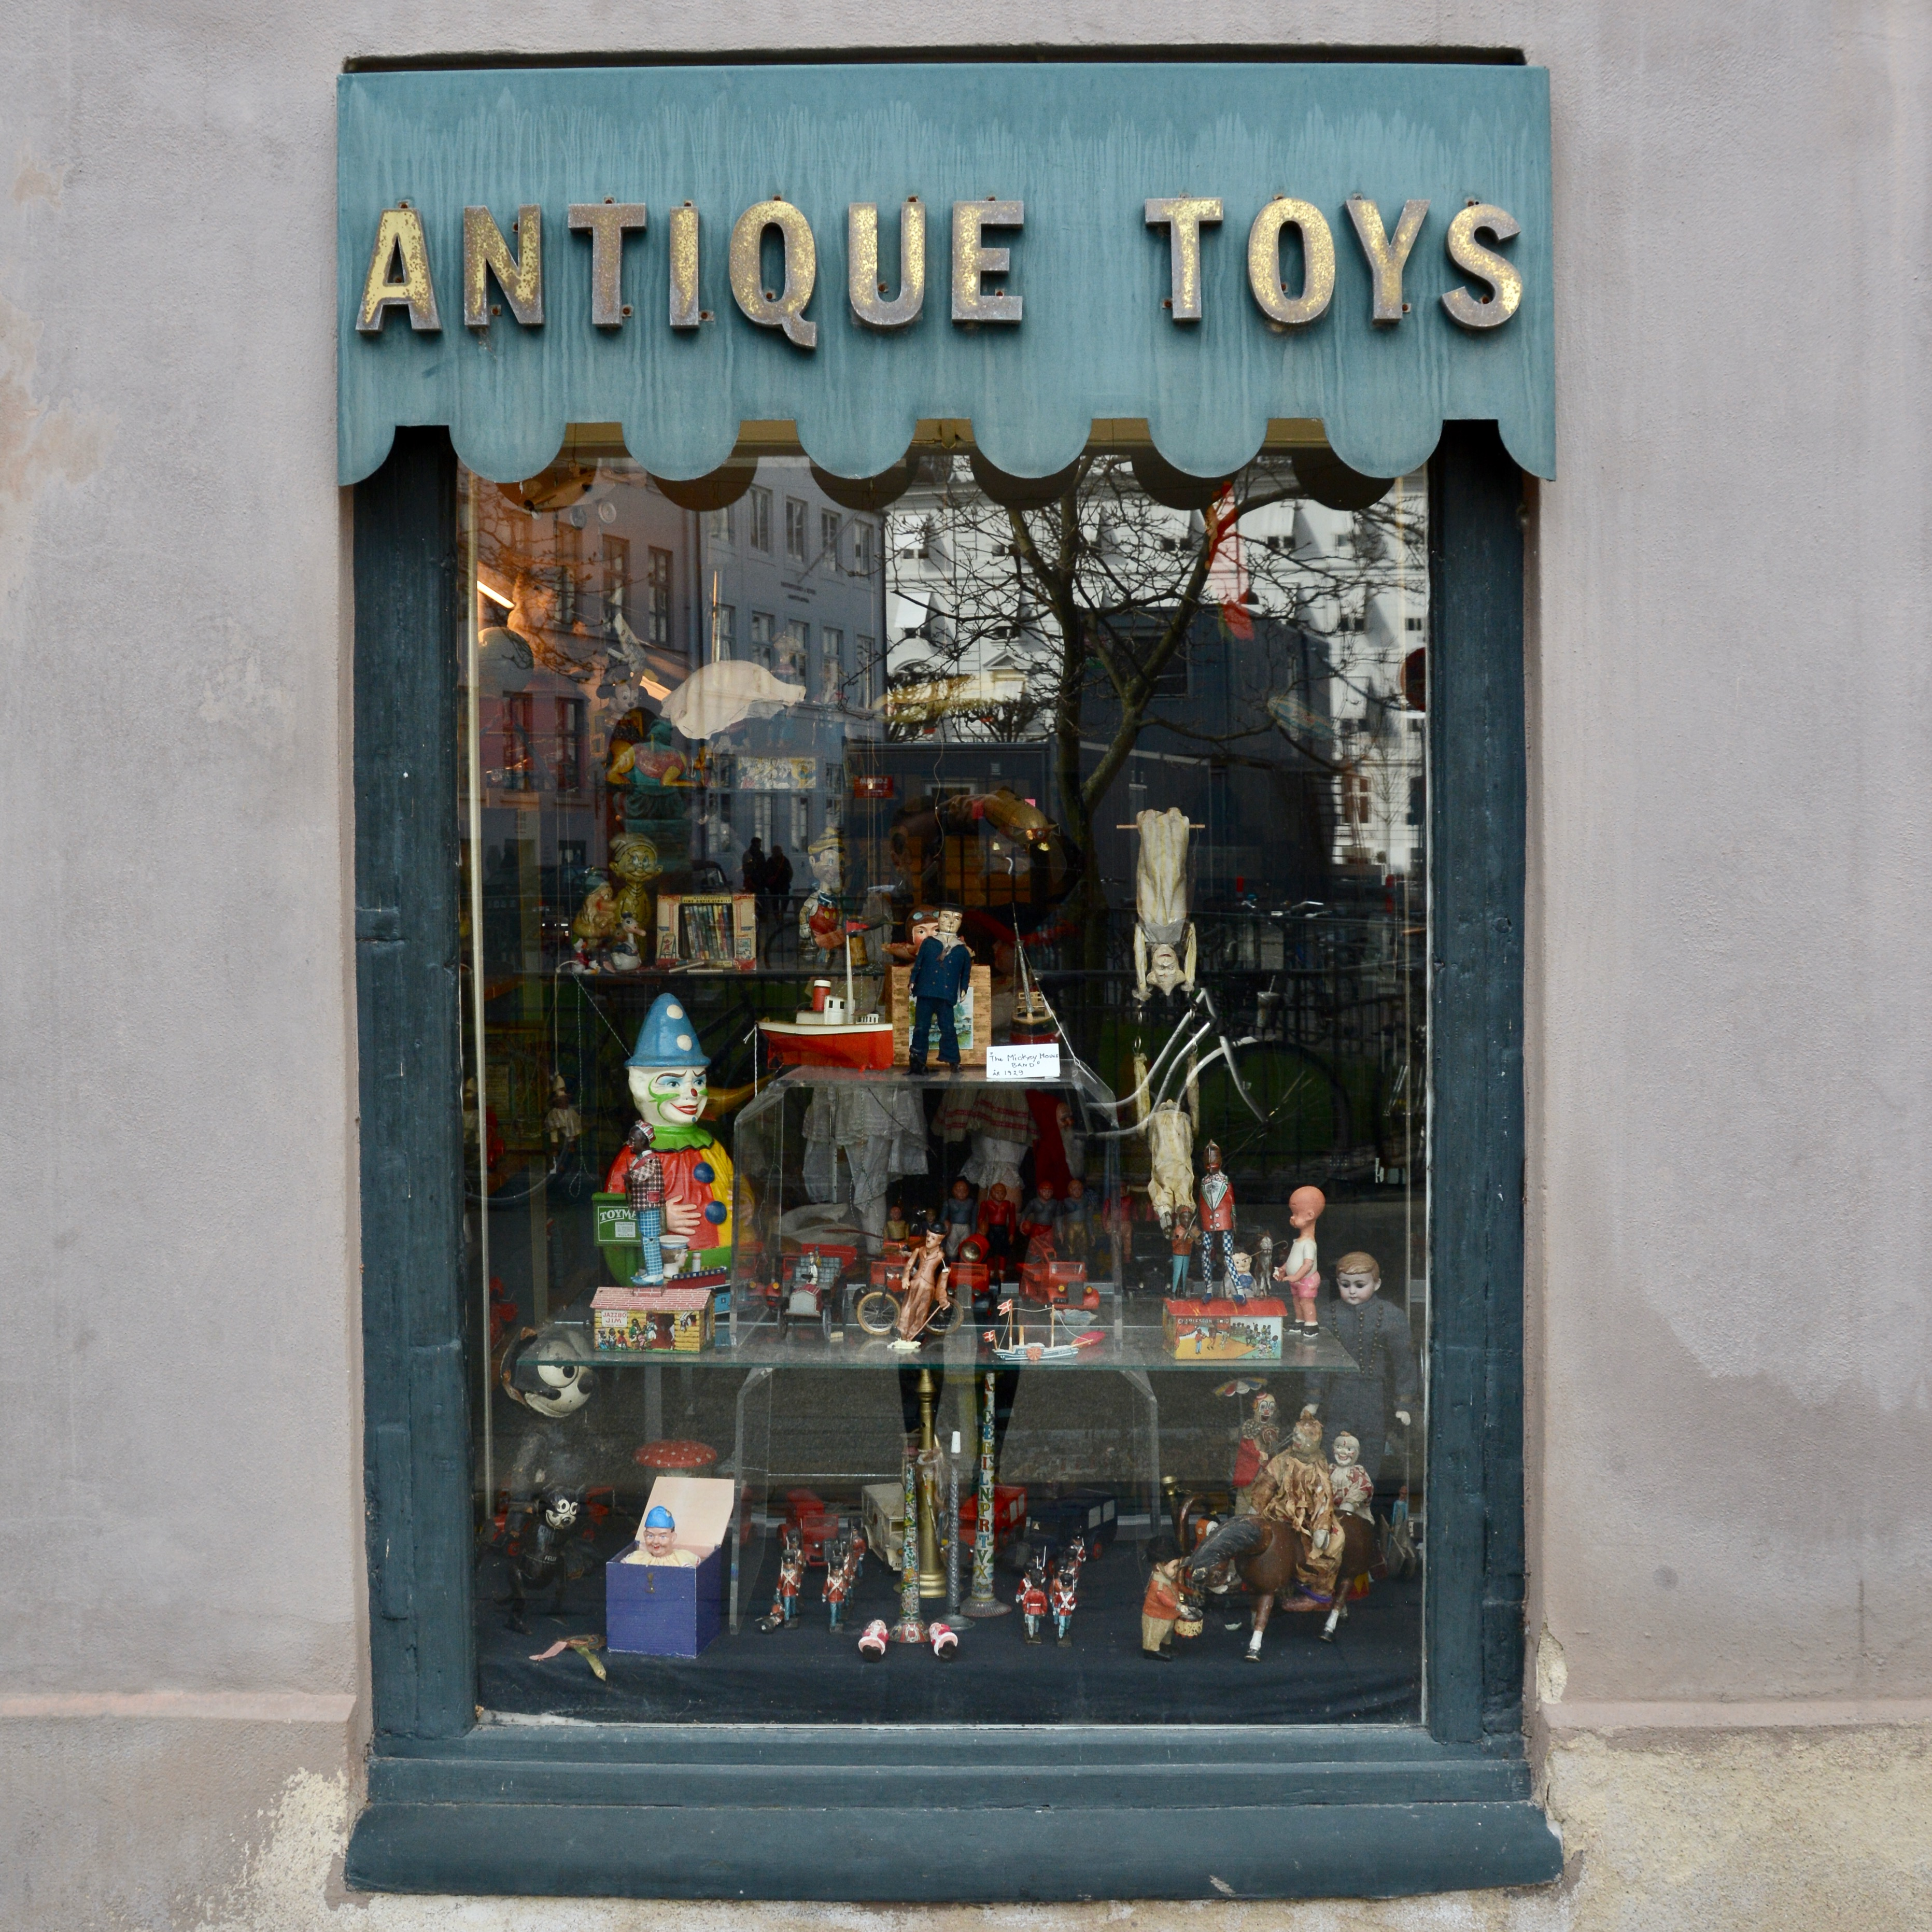 travel with kids children Copenhagen Denmark antique toys